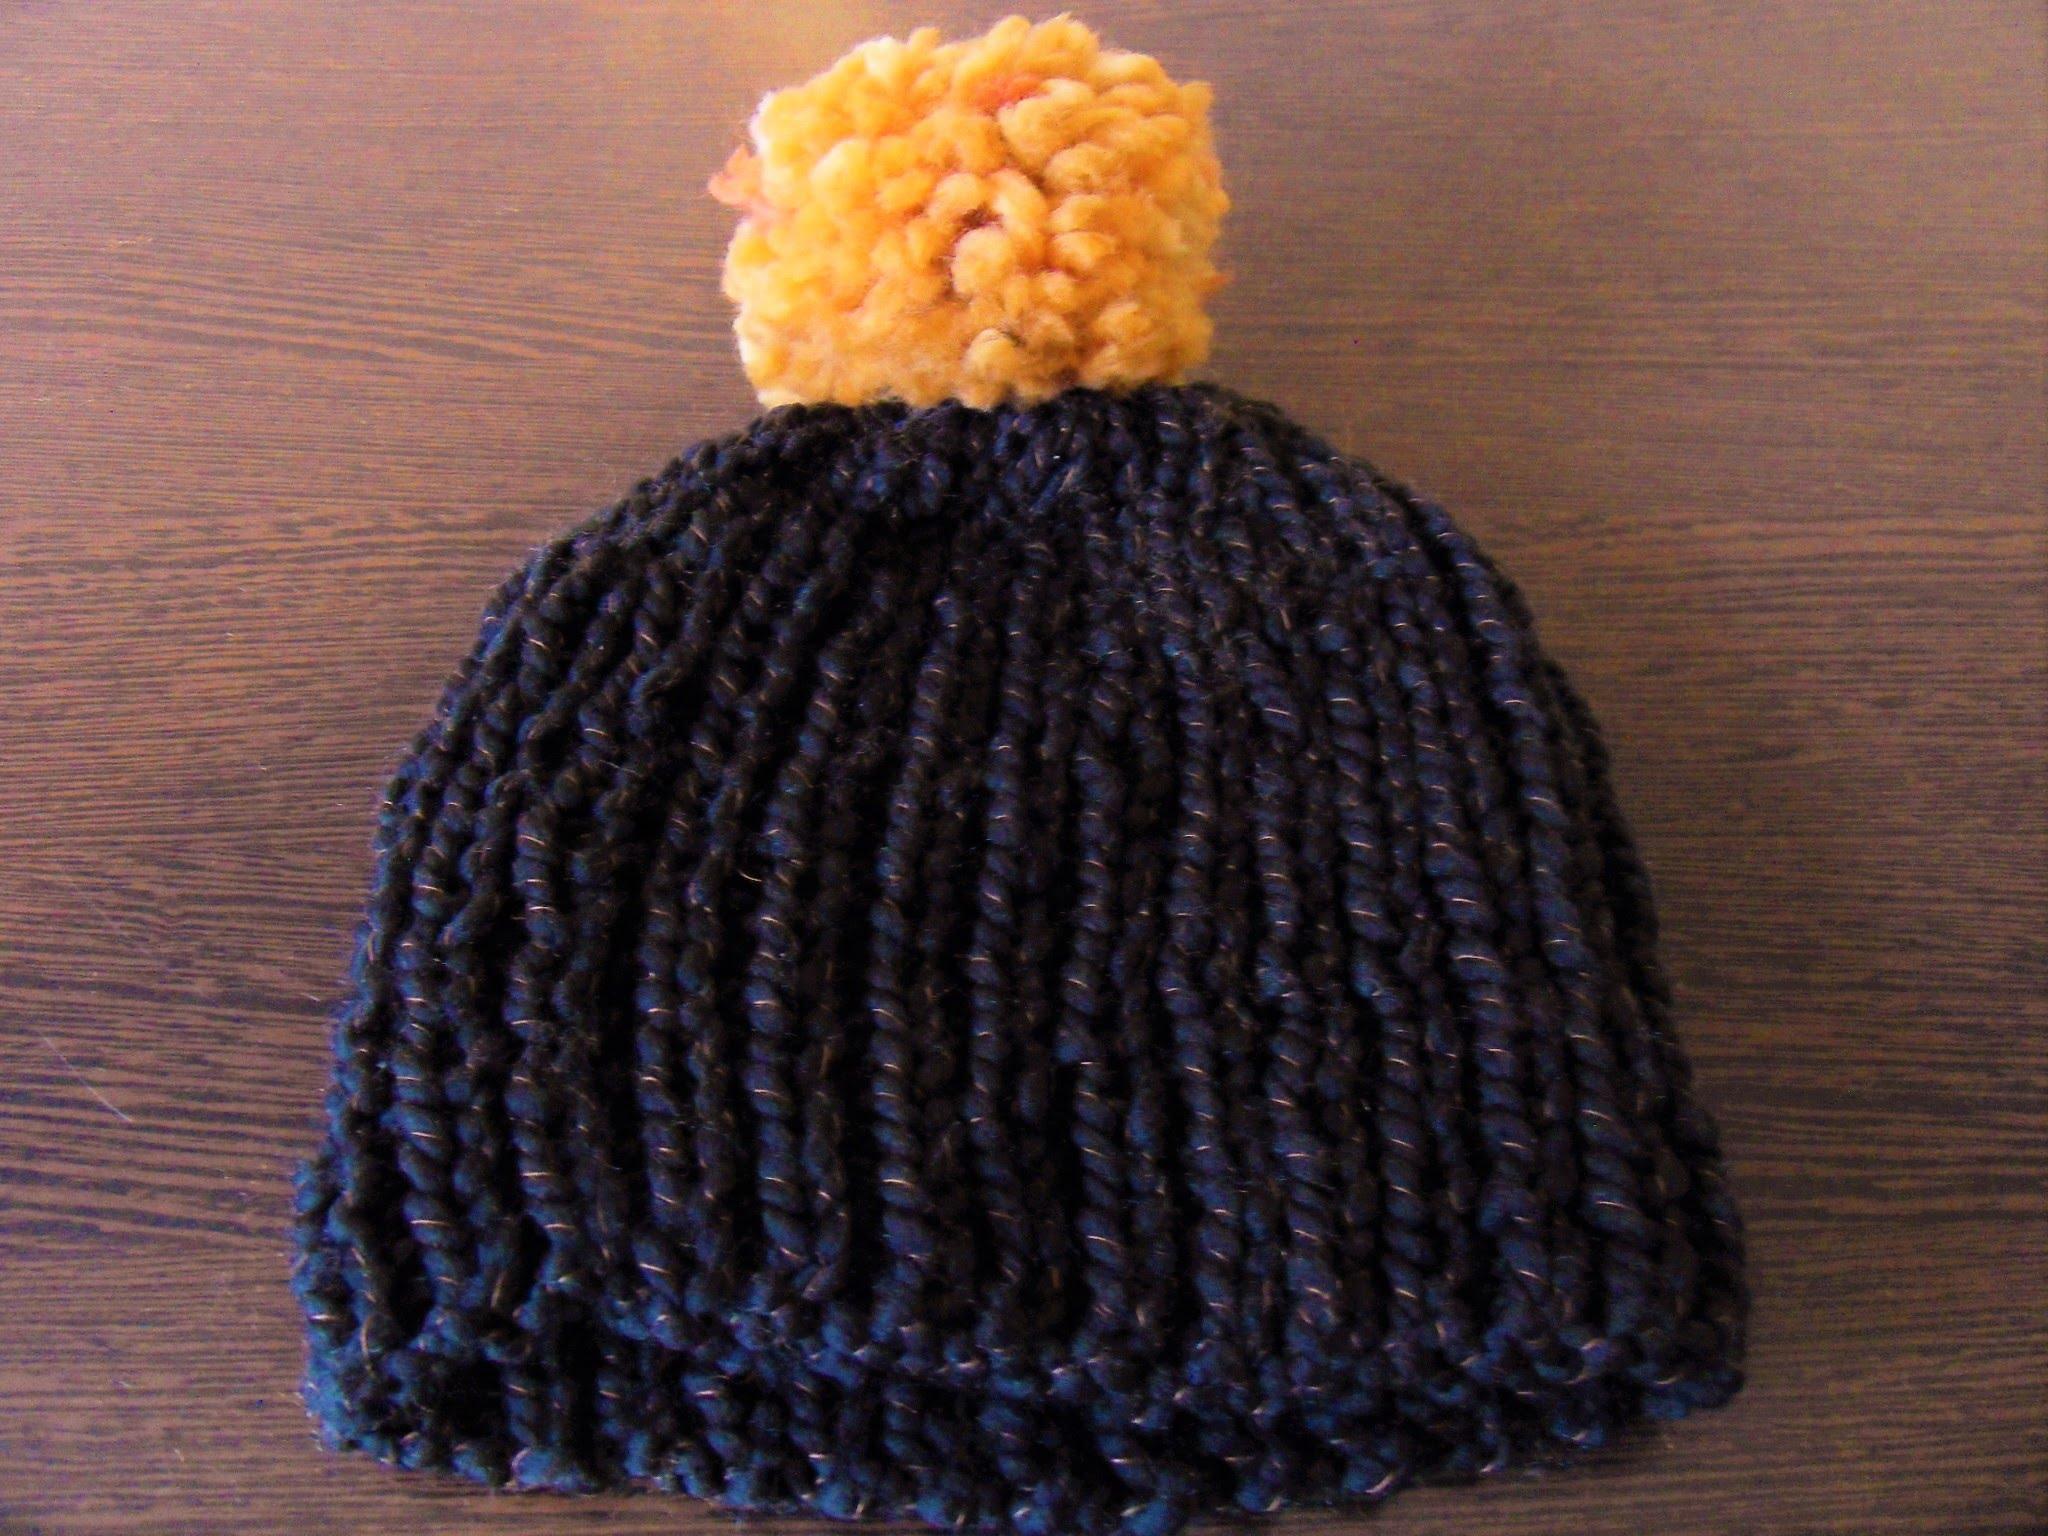 Tricoter un bonnet sans diminution - Idées de tricot gratuit baa6ad07cf9